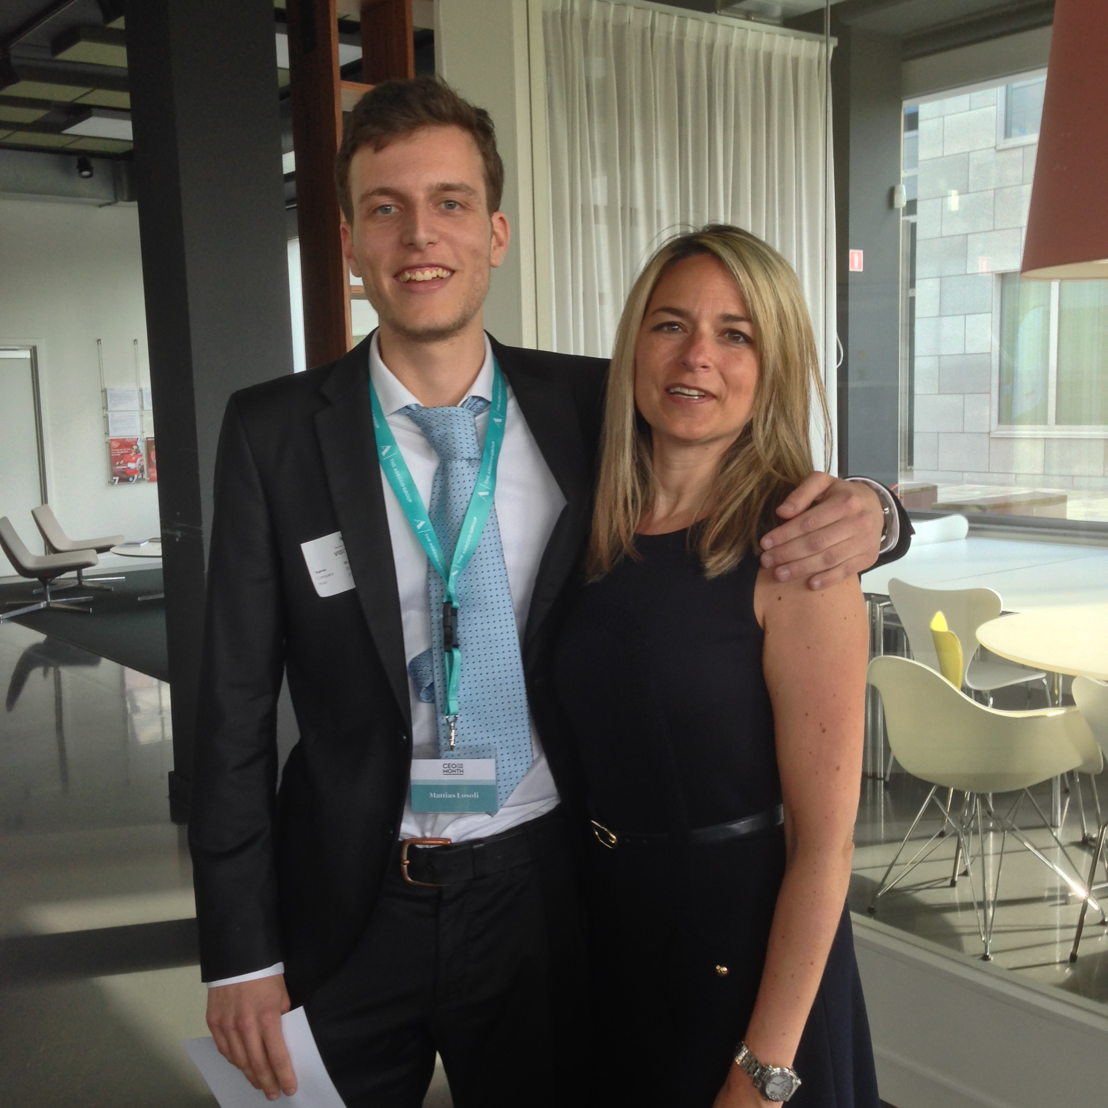 Mattias Losoli en Katrien Berghs, HR-directeur The Adecco Group Belgium